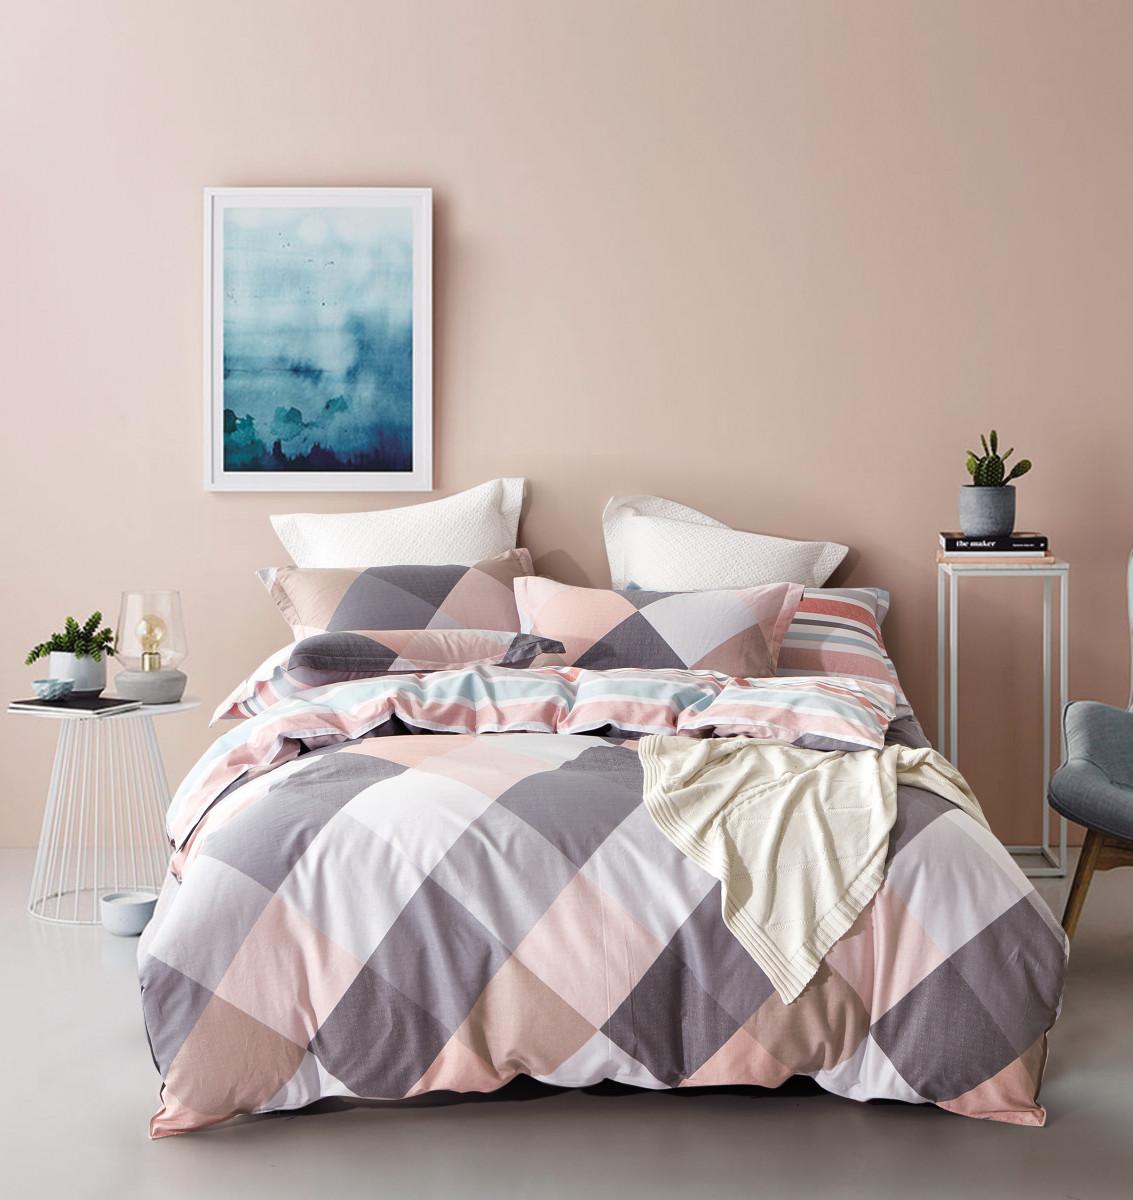 Купить Комплекты постельного белья Valtery, Постельное белье Trinity (семейное), Китай, Розовый, Серый, Фиолетовый, Хлопковый сатин